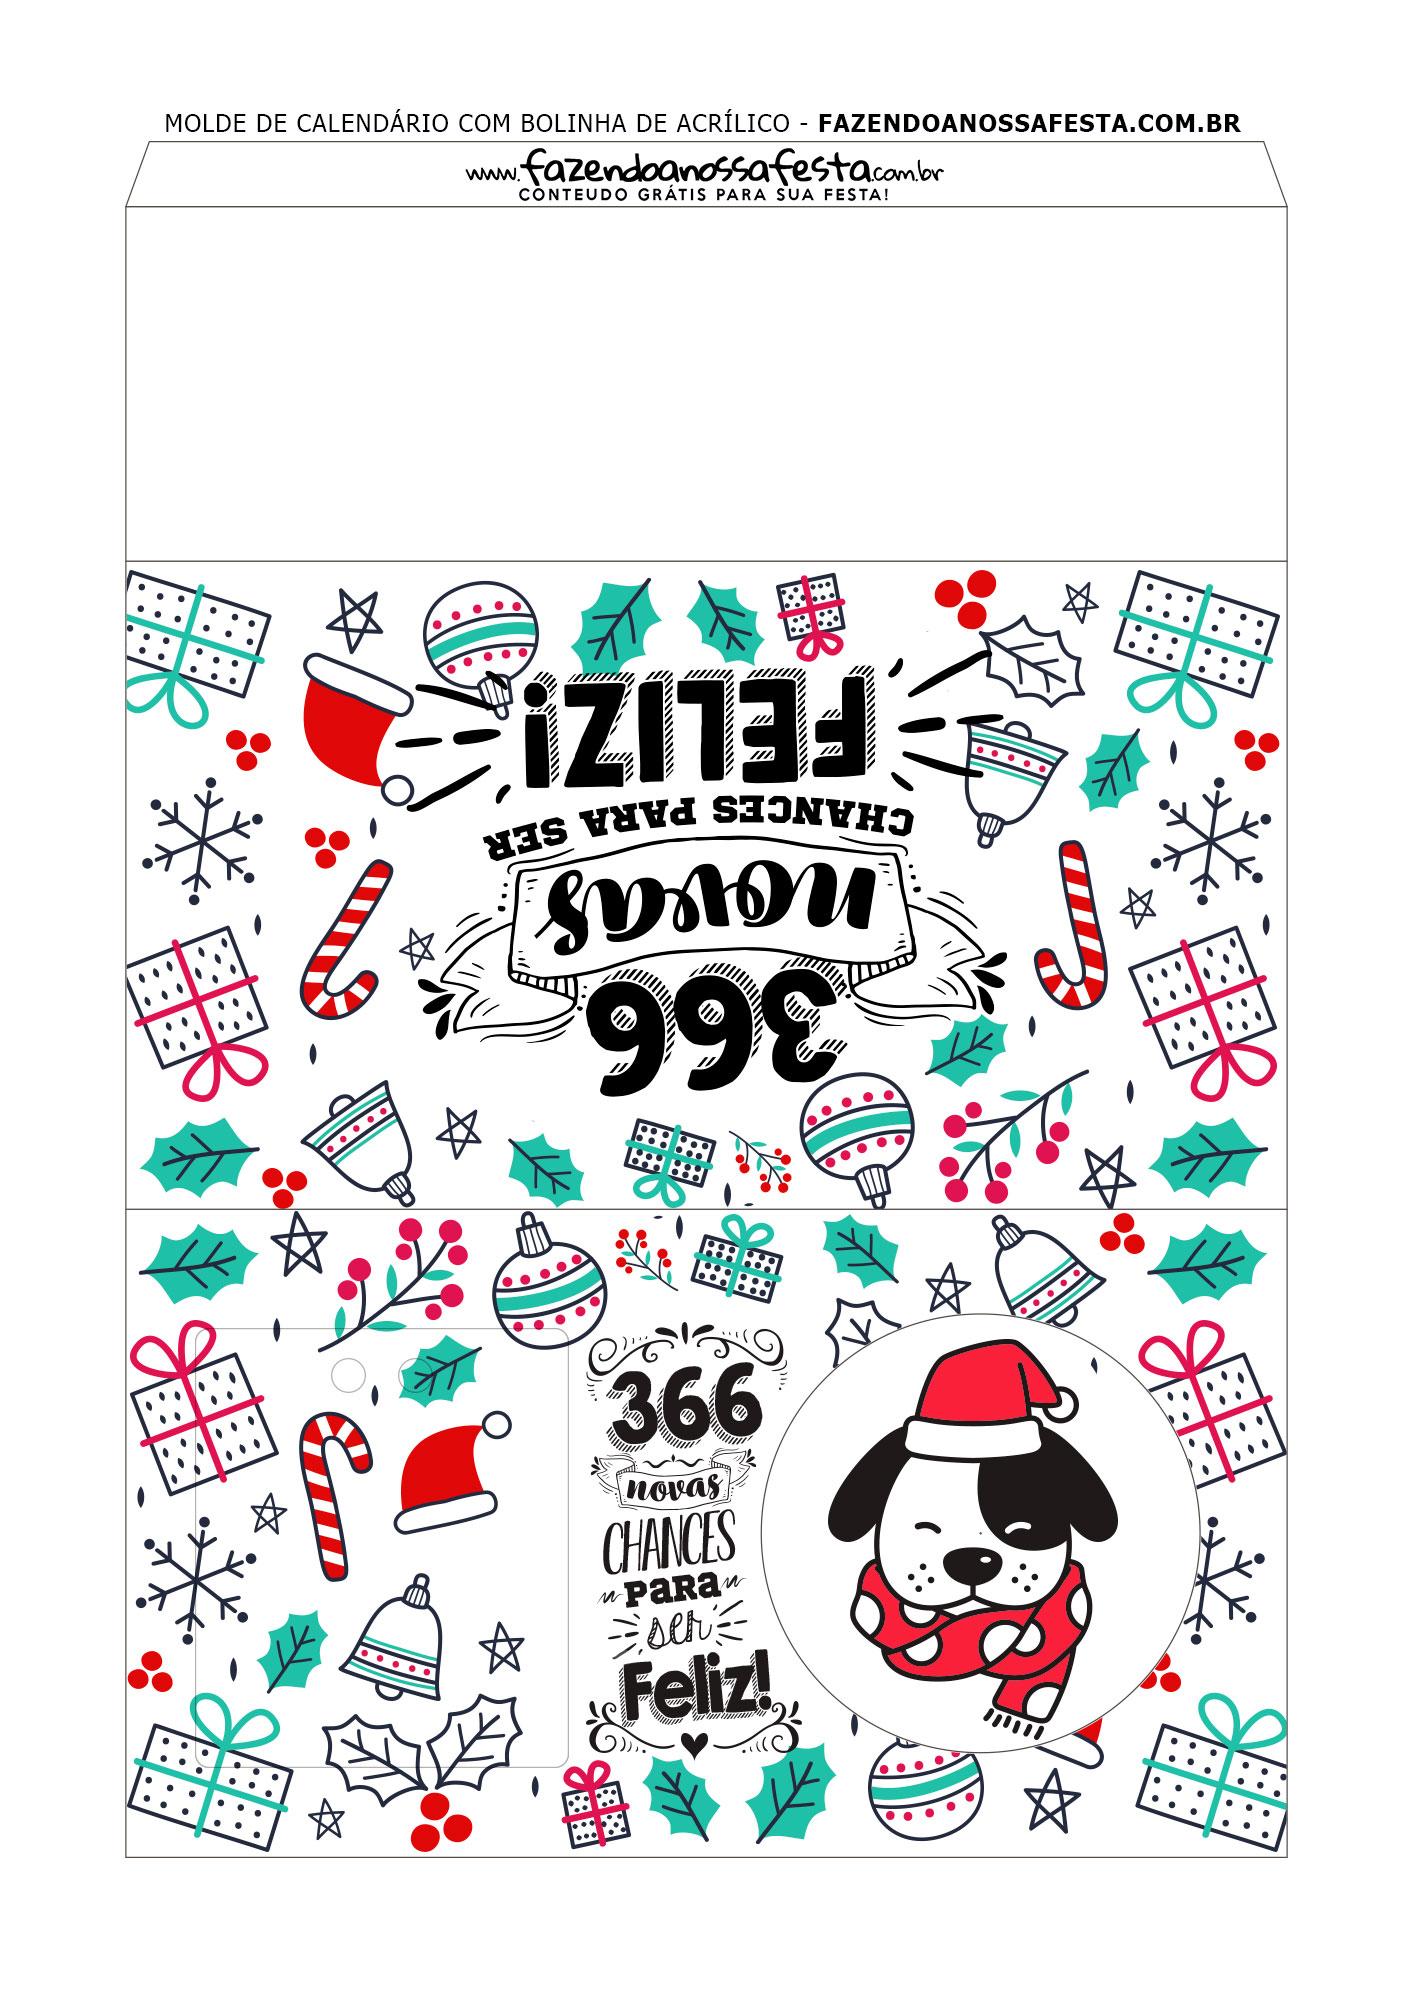 Calendario 2020 com bola de natal